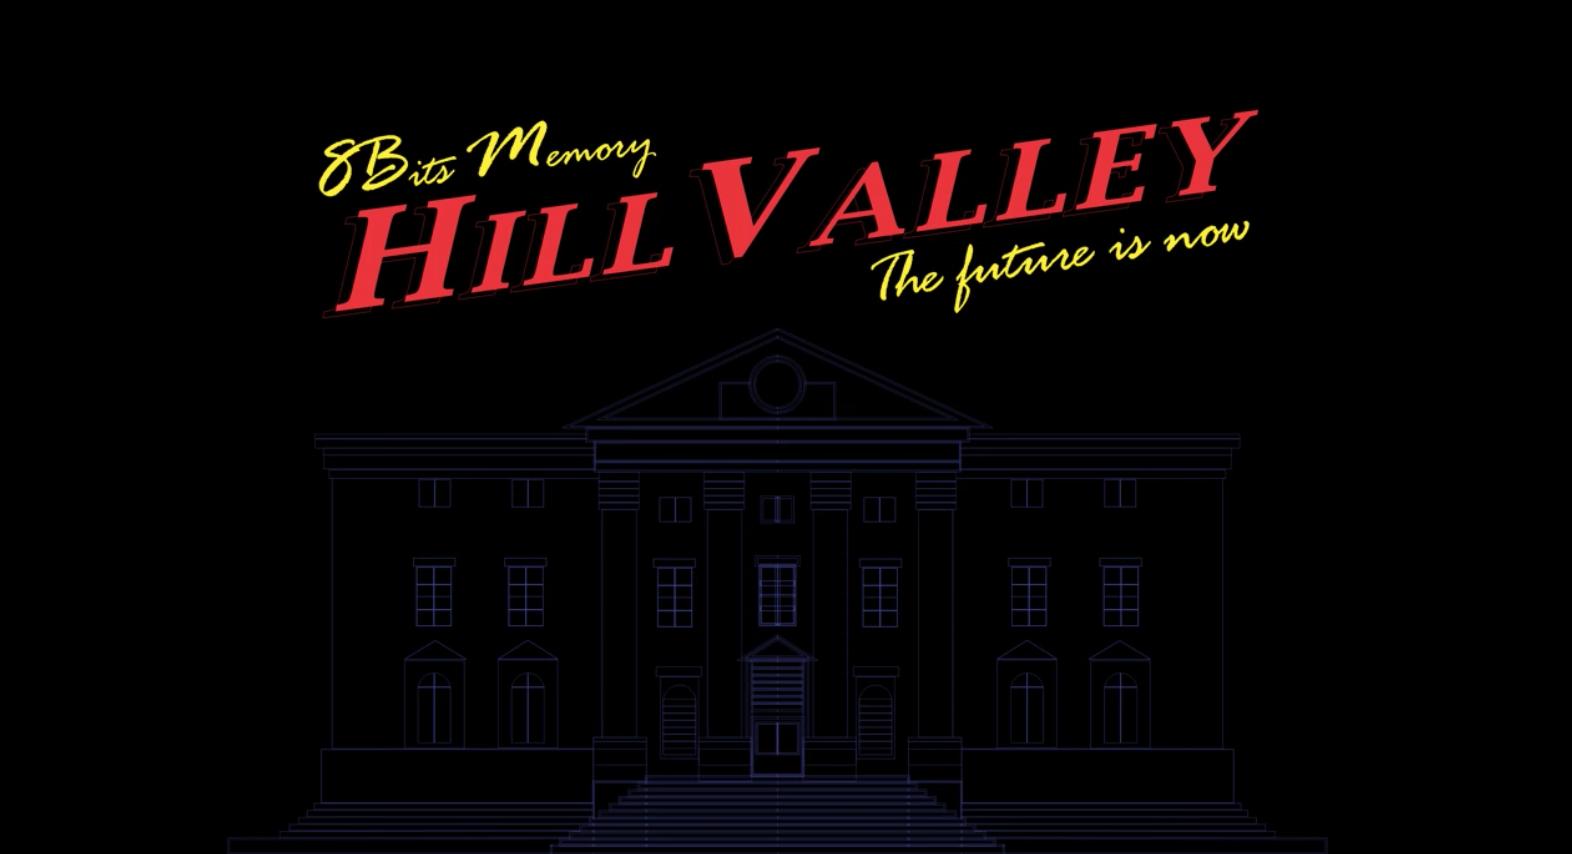 8BM – Hill Valley